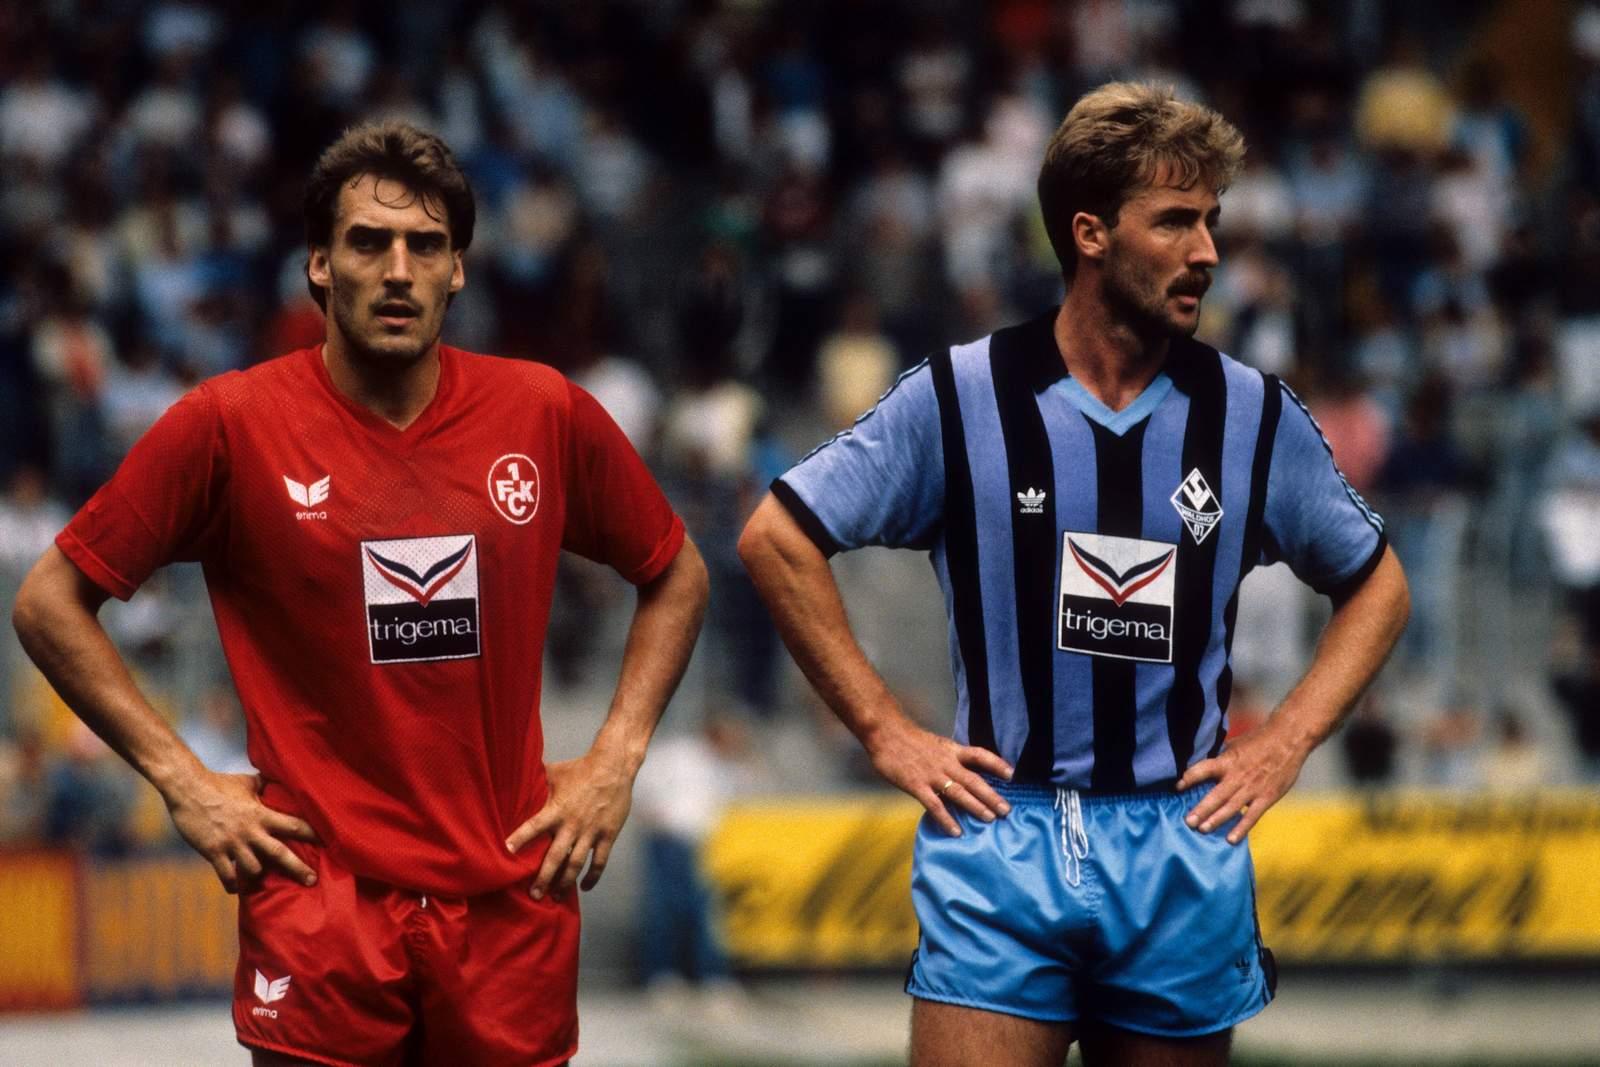 Frank Hartmann vom FCK (l.) und Dieter Finke von Waldhof Mannheim.